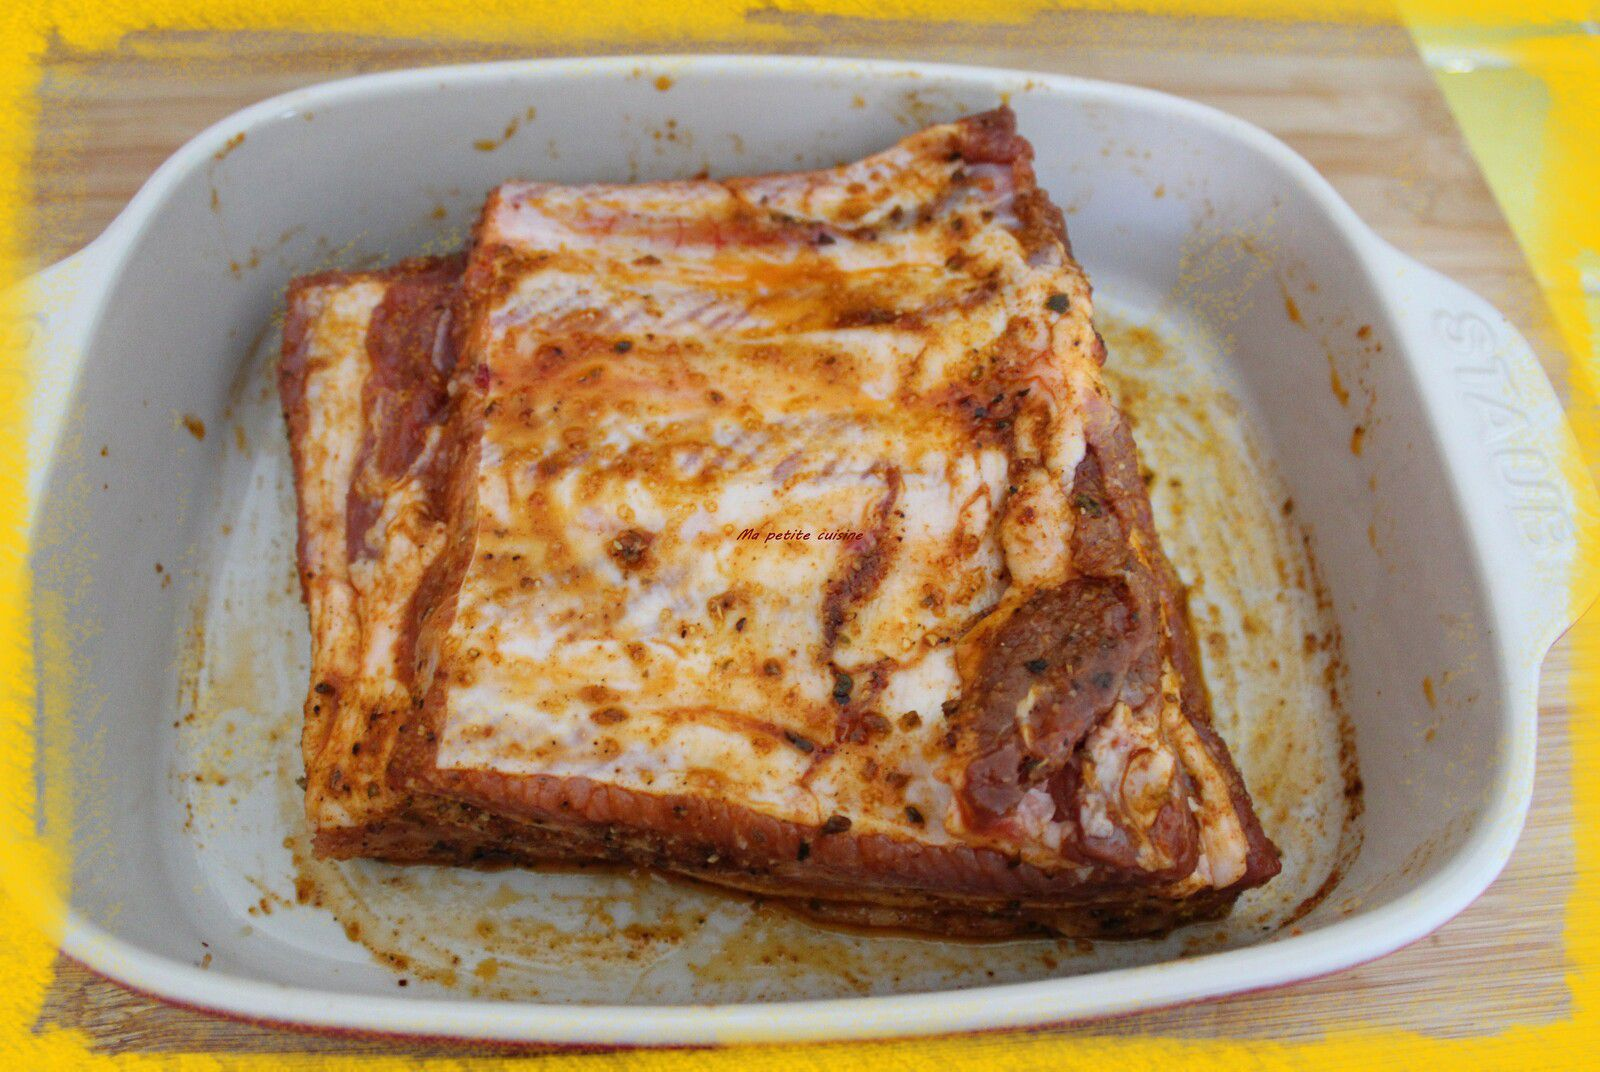 Travers de porc laqués au sirop d'érable et épices au barbecue